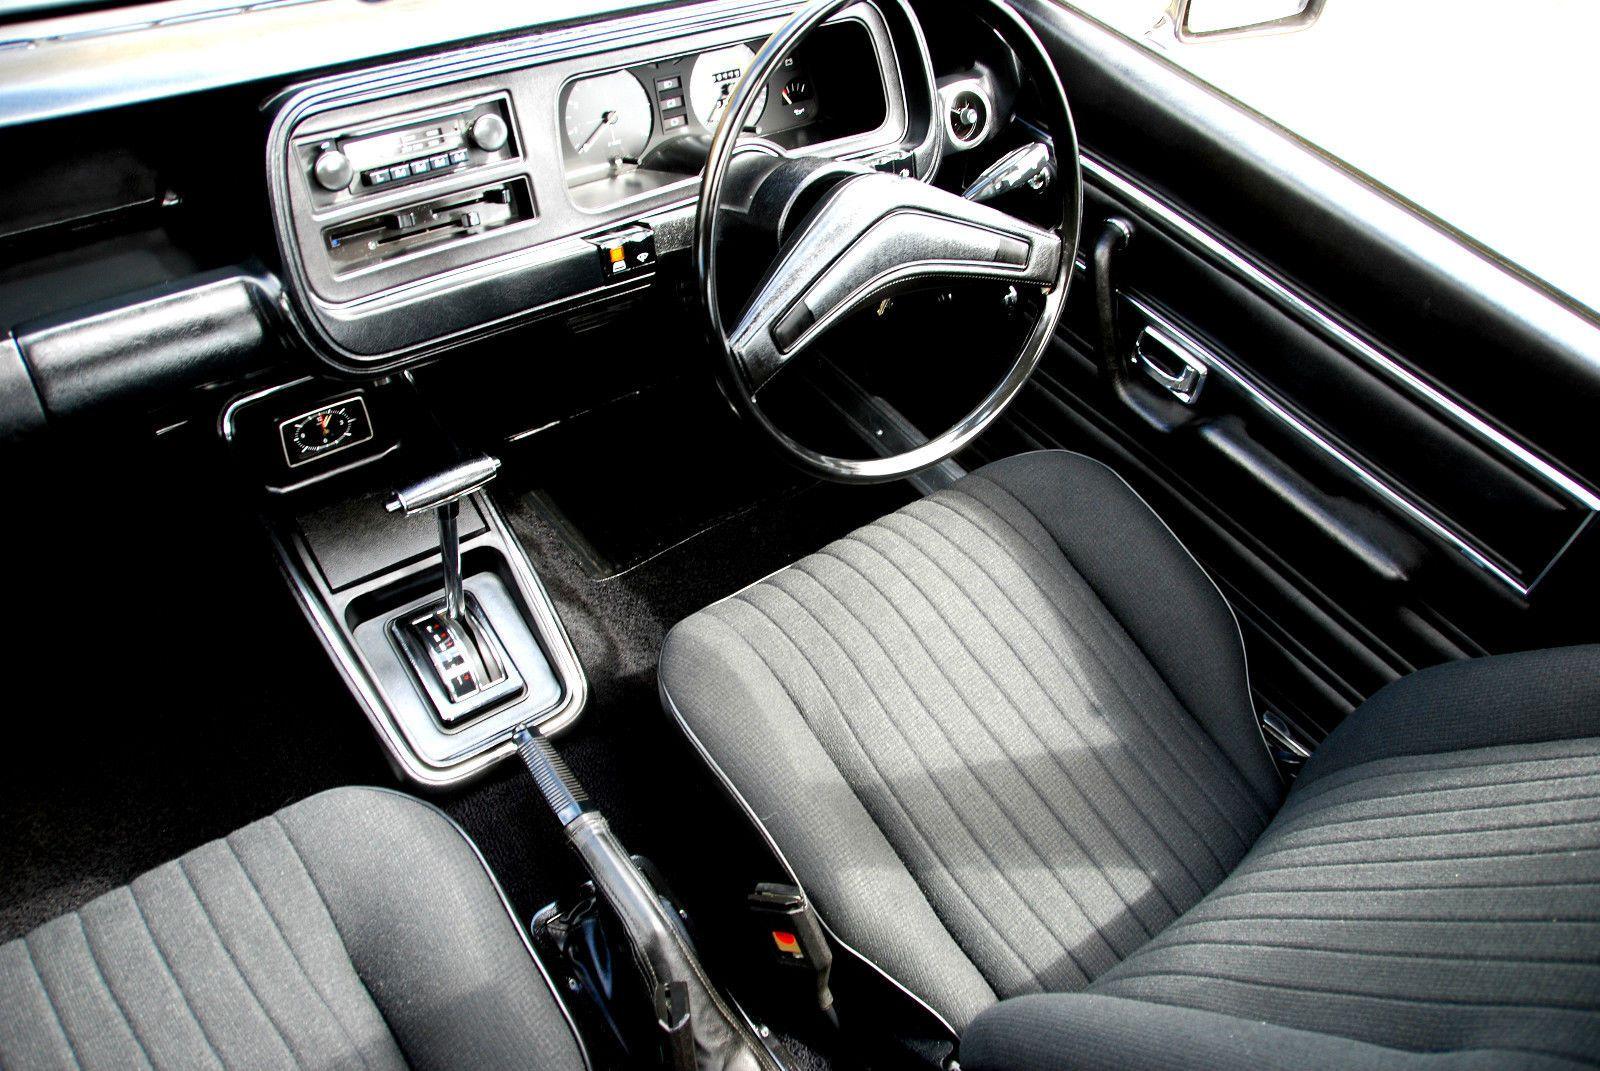 1977 Mk1 Ford Granada 3 0l Gl Auto Just 33 000 Miles Ford Granada Ford Granada